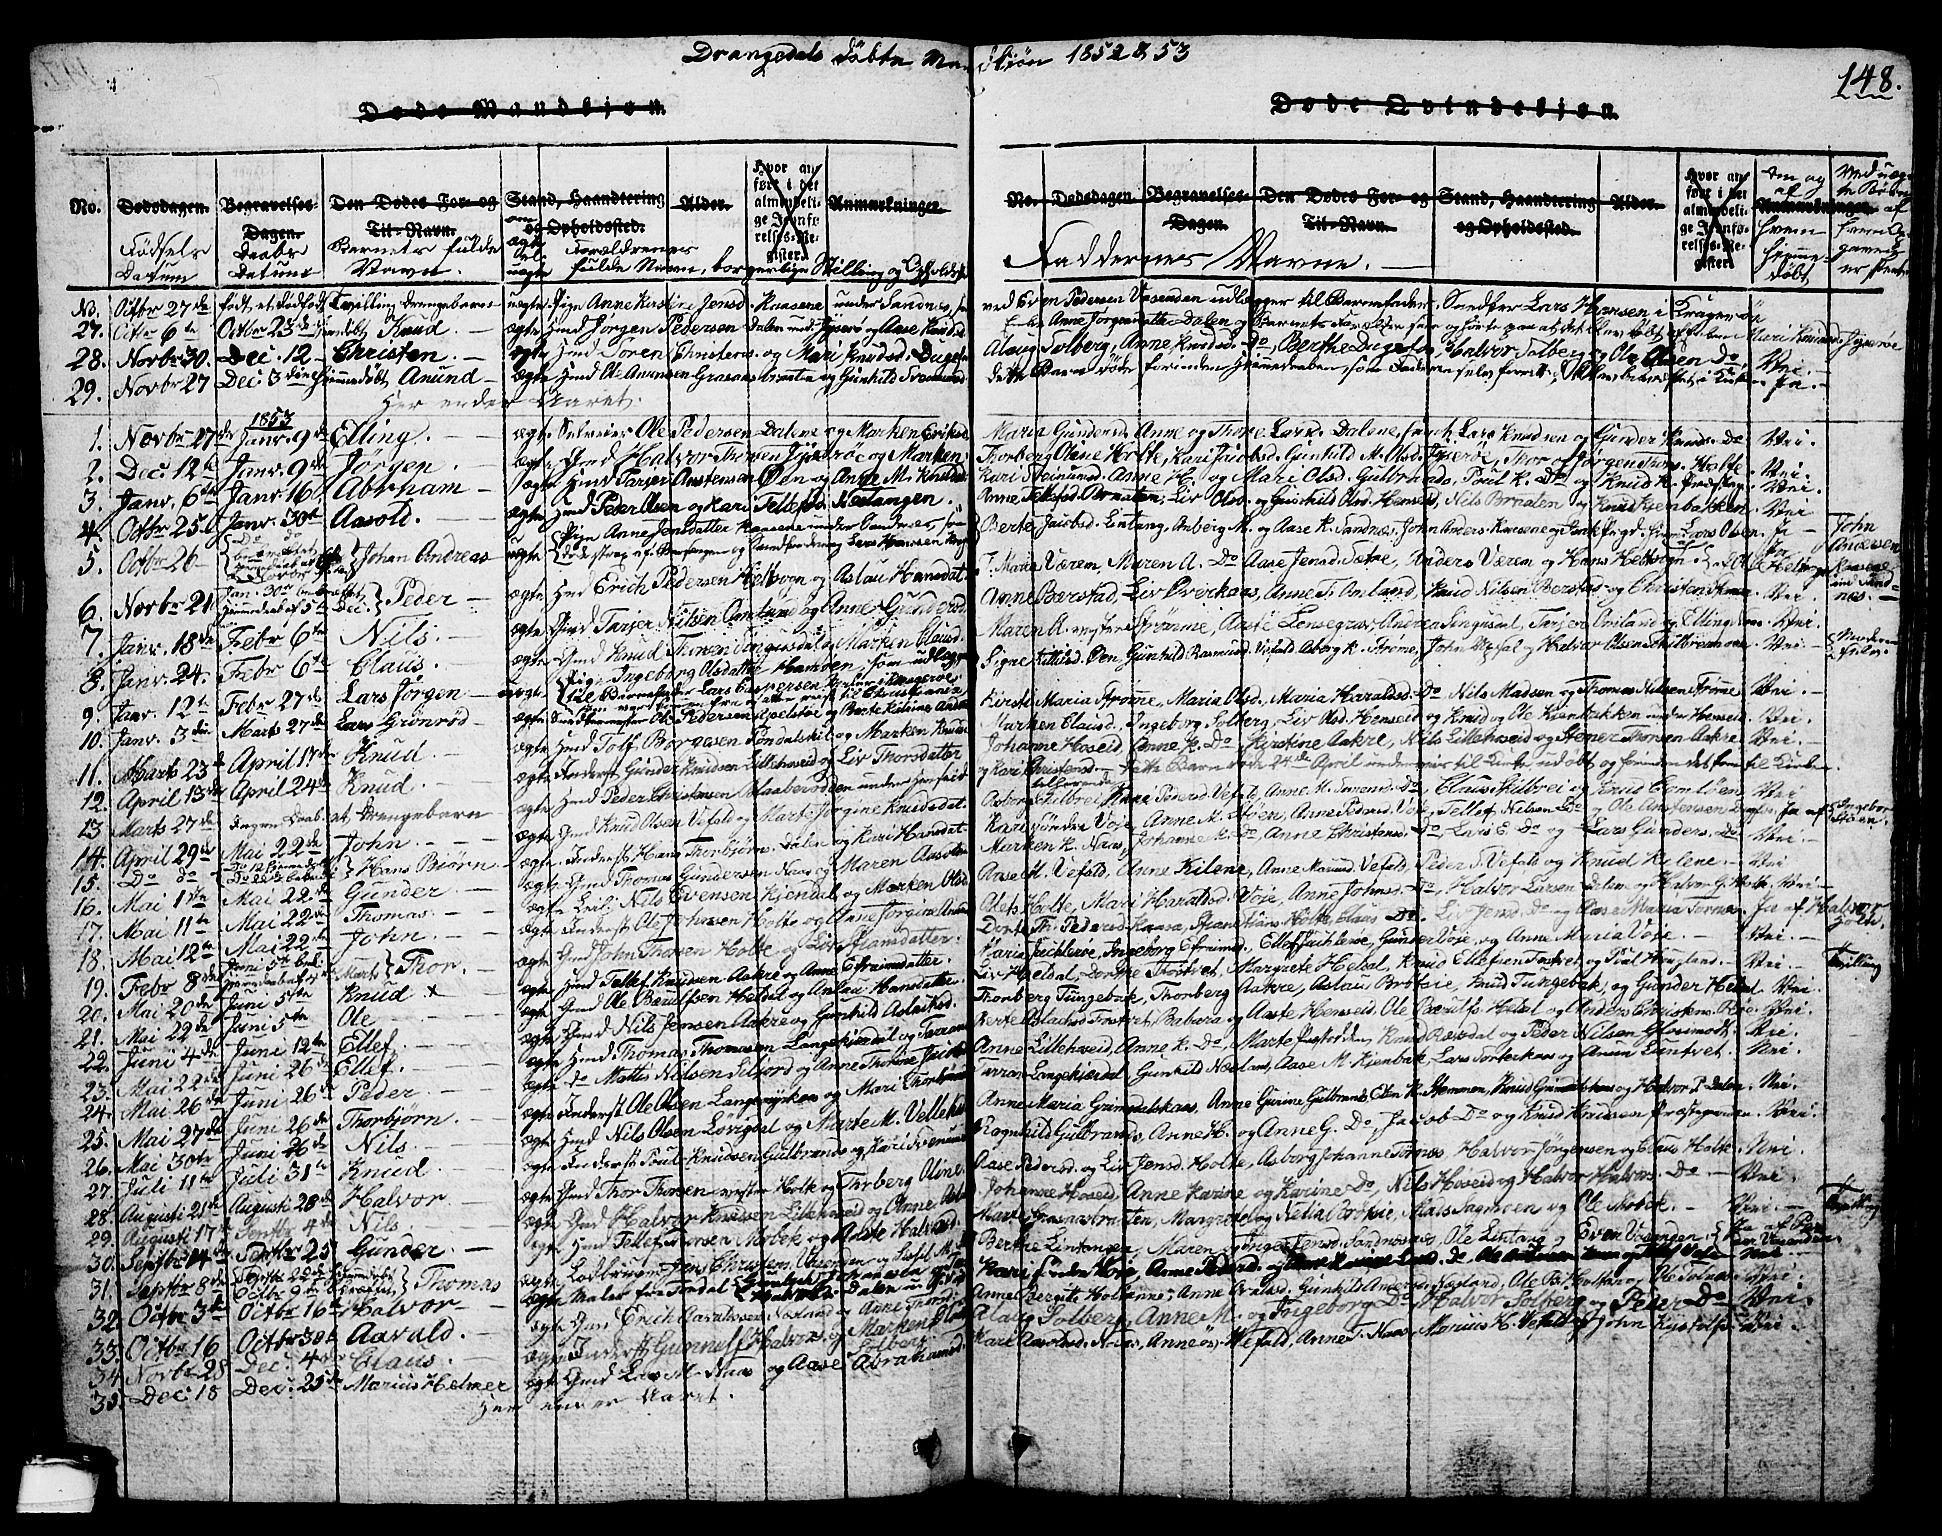 SAKO, Drangedal kirkebøker, G/Ga/L0001: Klokkerbok nr. I 1 /1, 1814-1856, s. 148